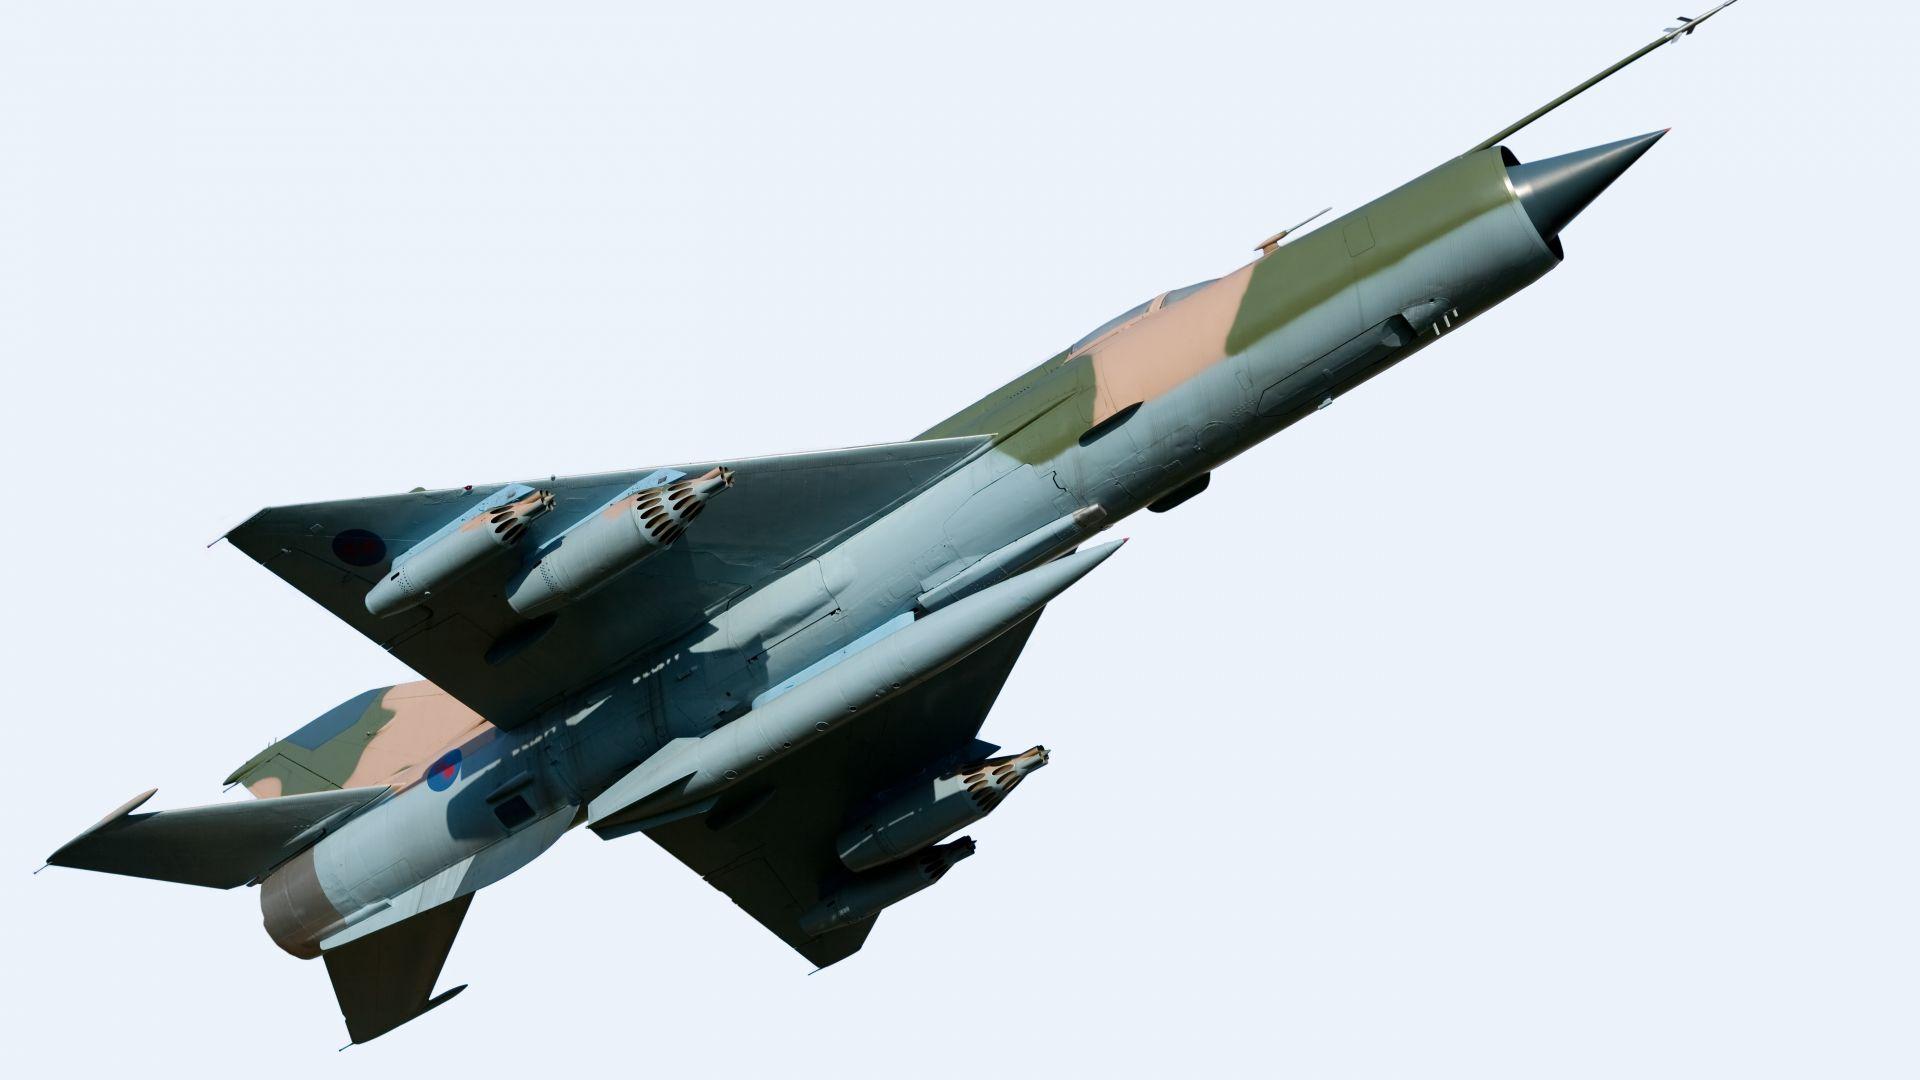 Самолет МиГ-21 се разби при авиошоу в Румъния, пилотът загина